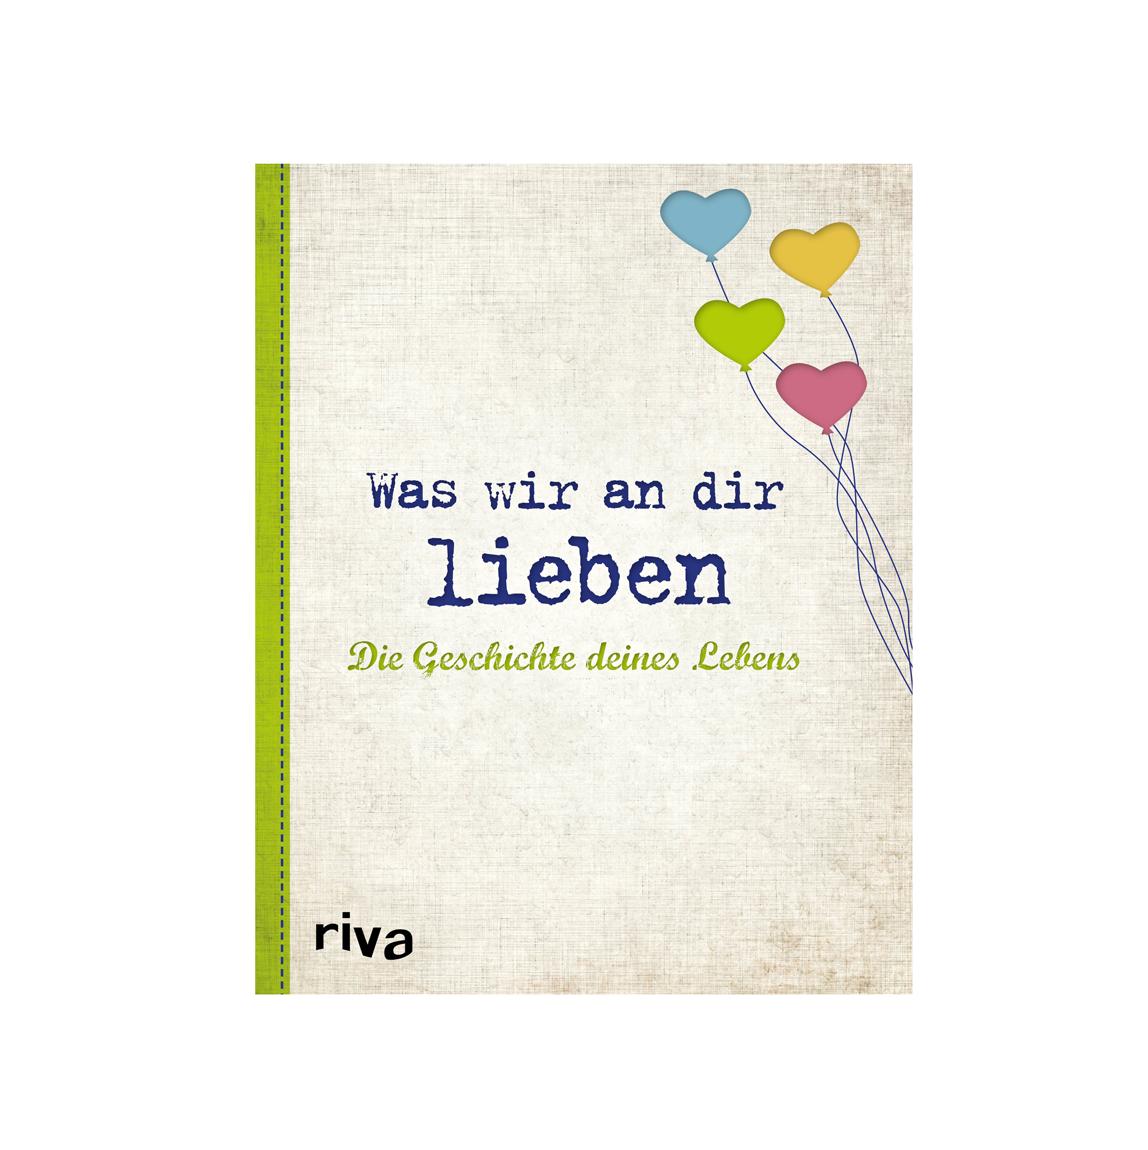 Was-wir-an-dir-lieben_Die-Geschichte-deines-Lebens